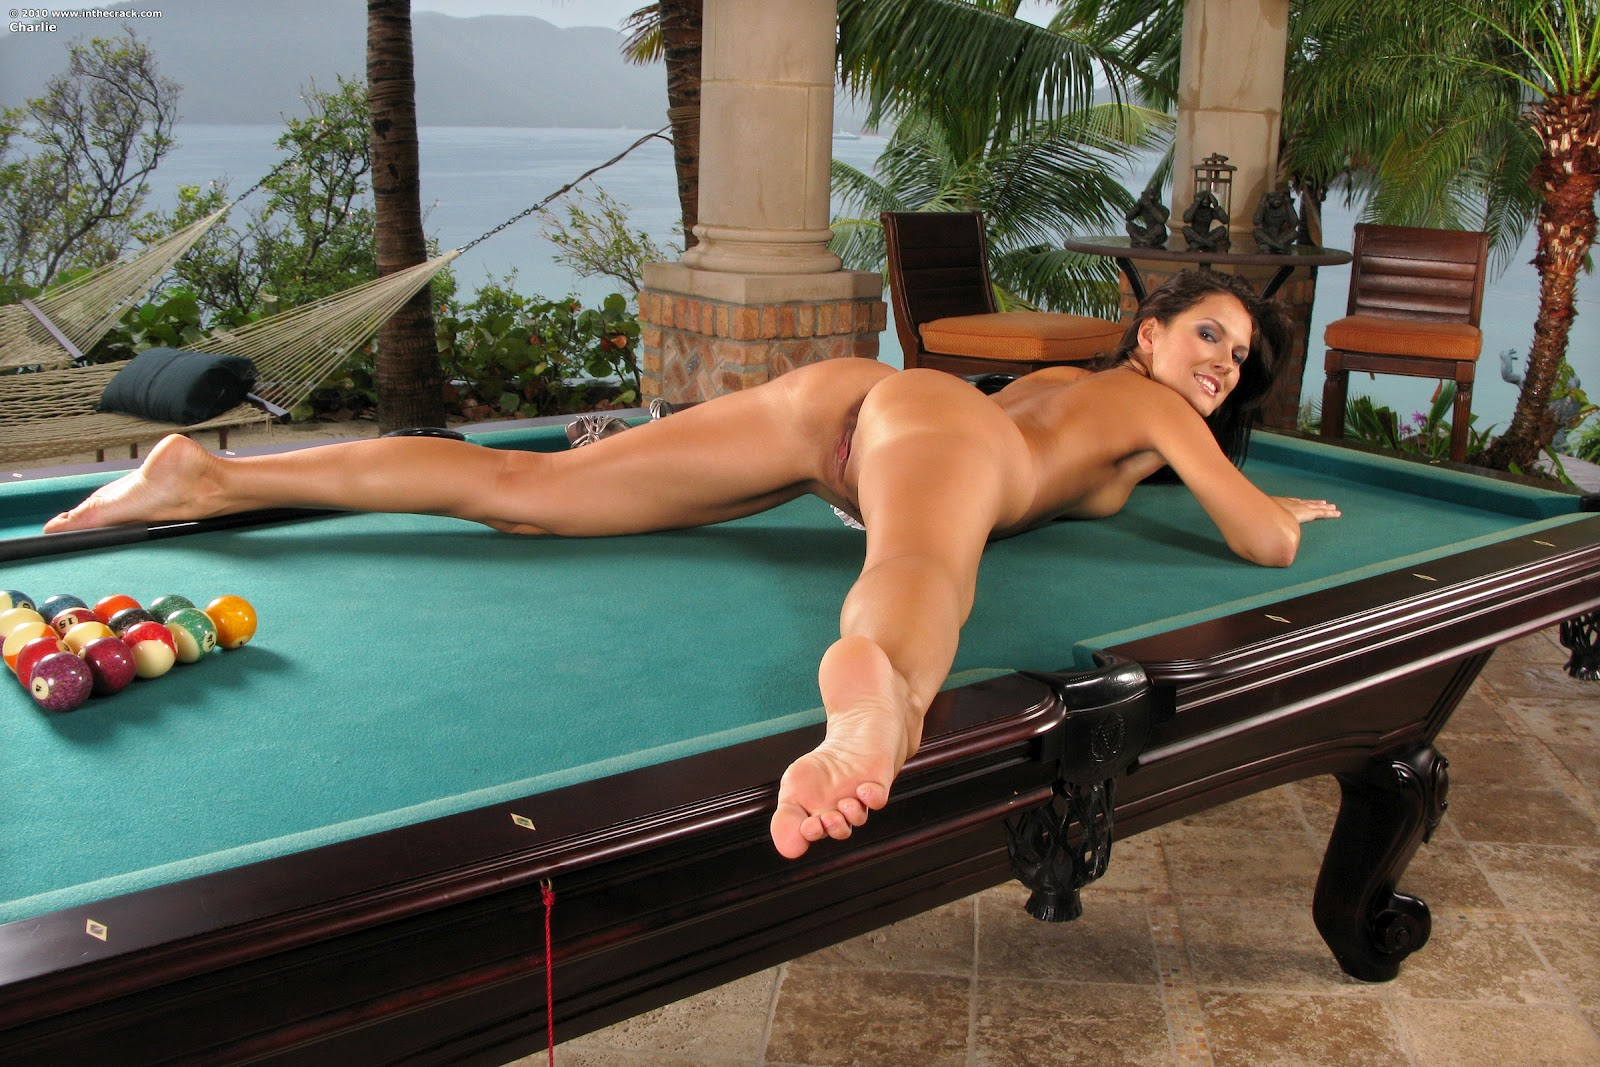 porno-billiard